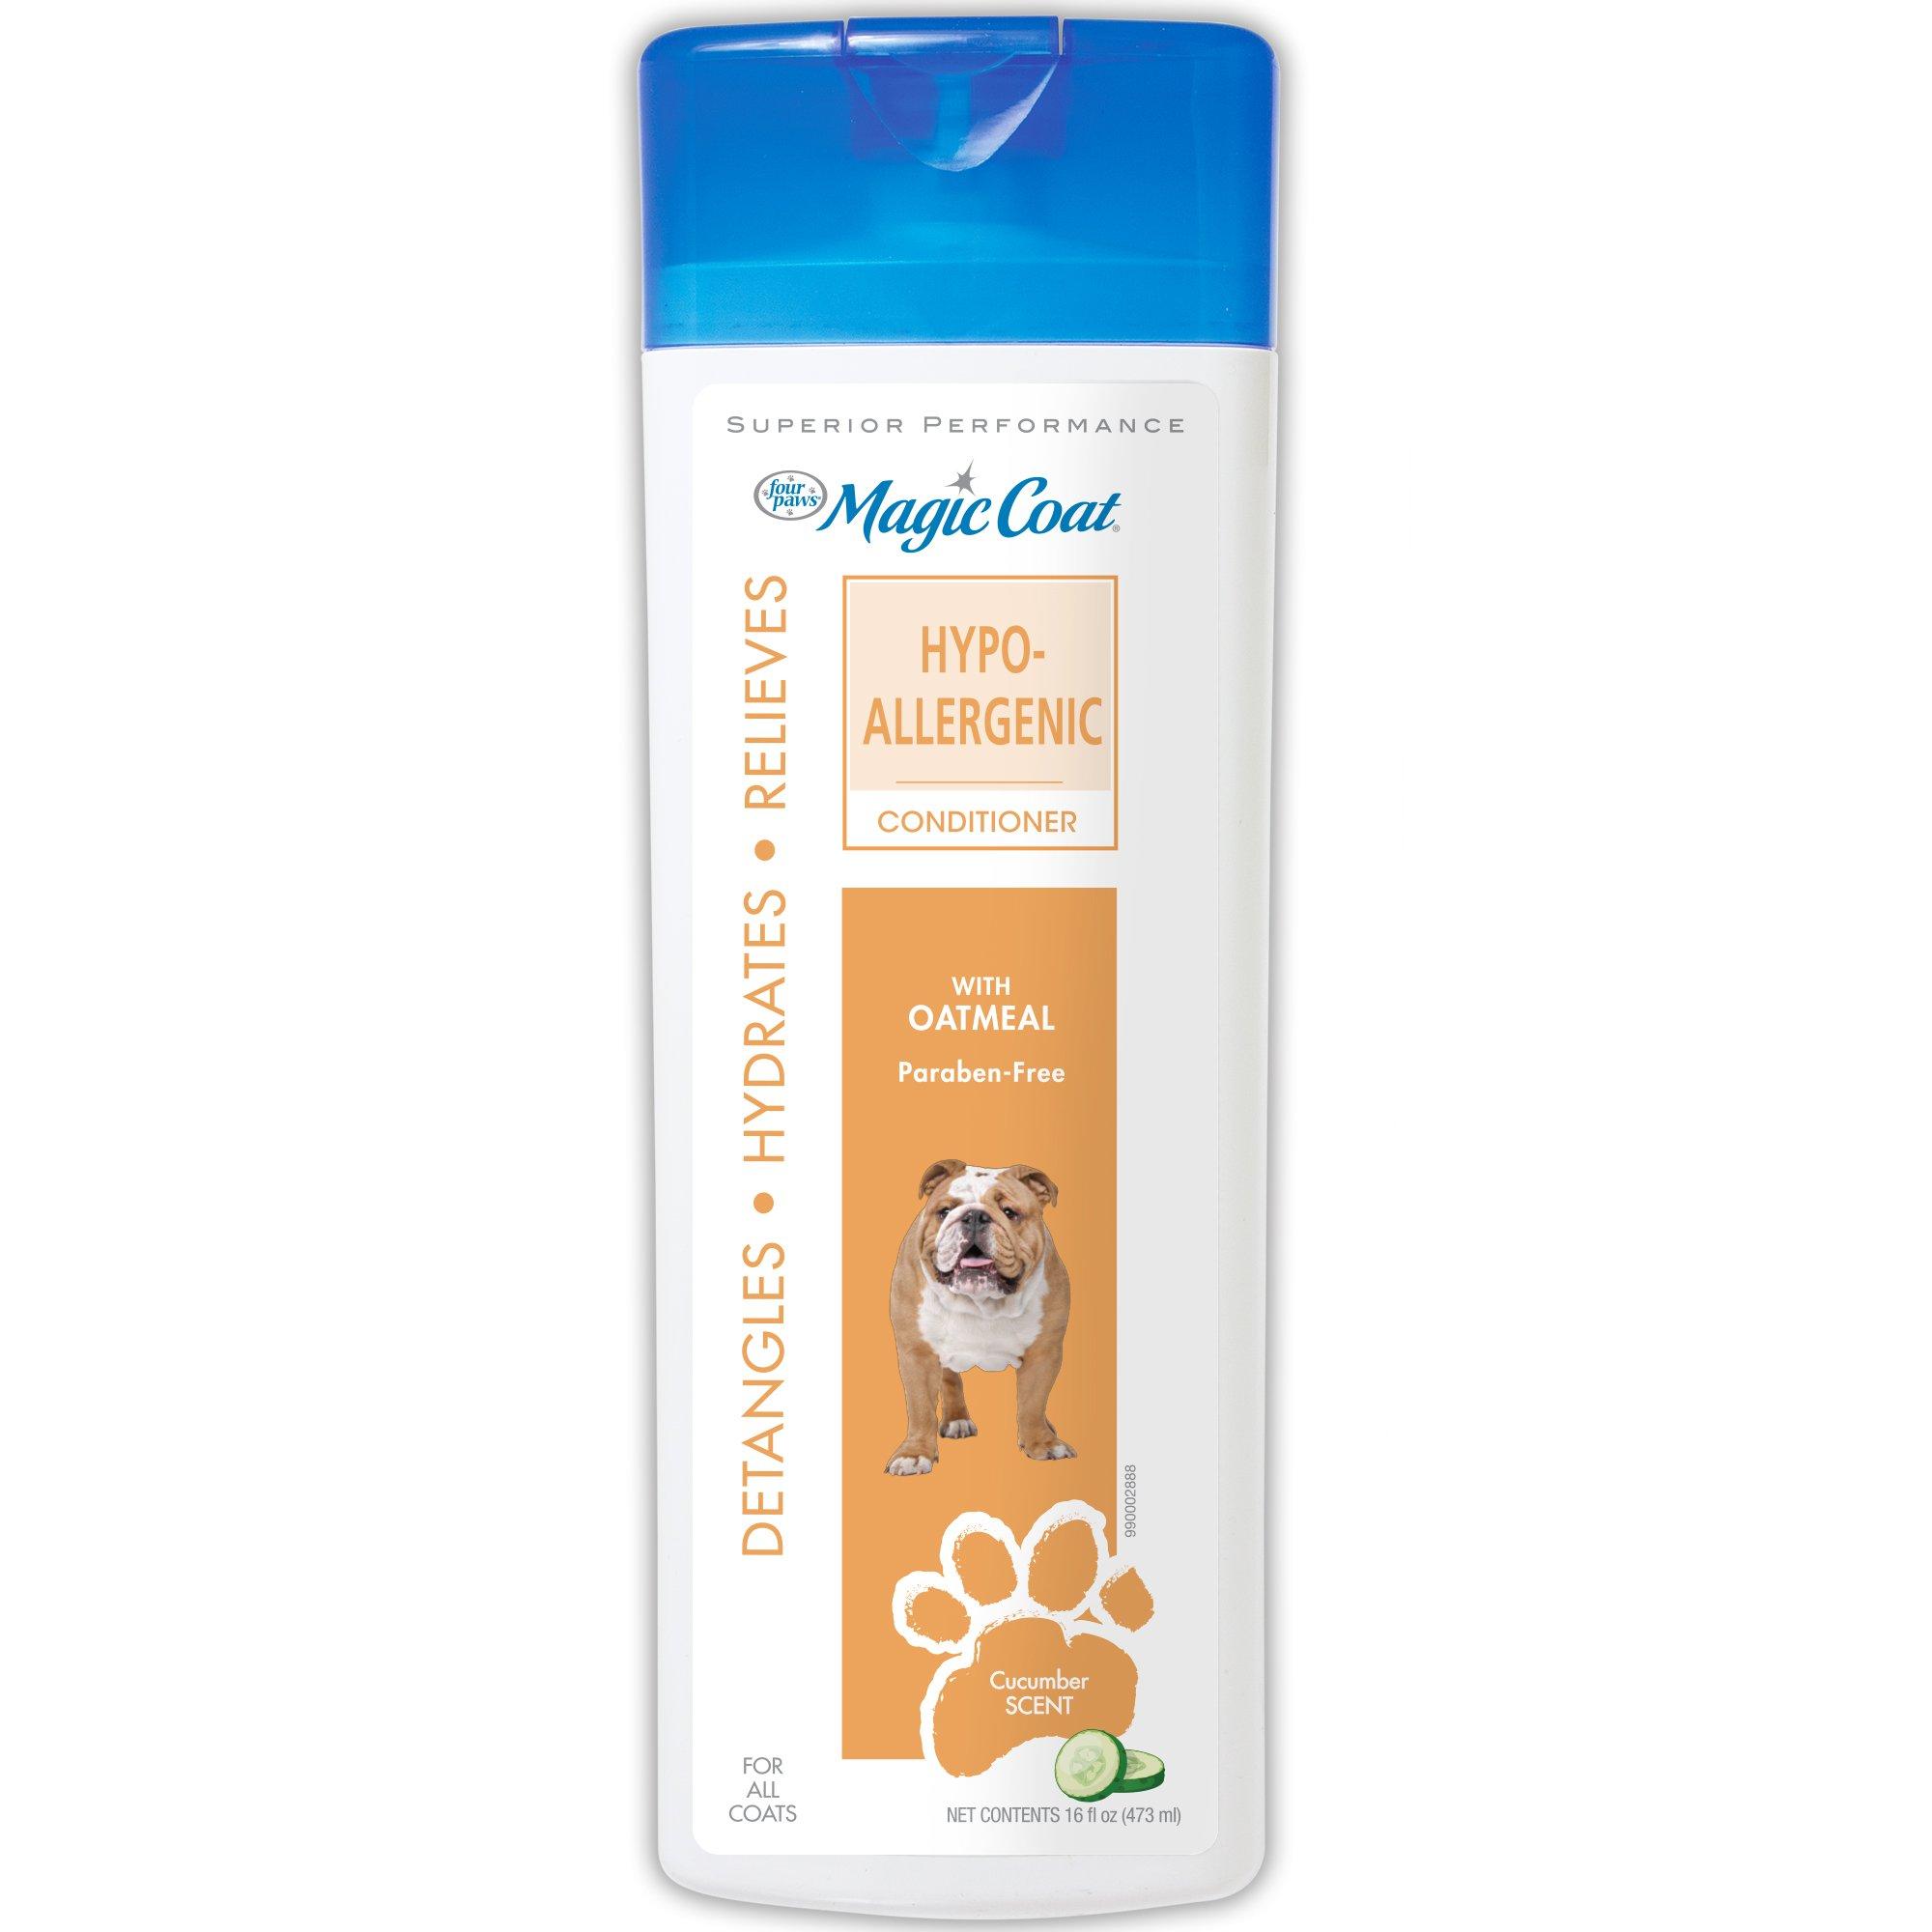 Four Paws Magic Coat Hypo-Allergenic Dog Conditioner